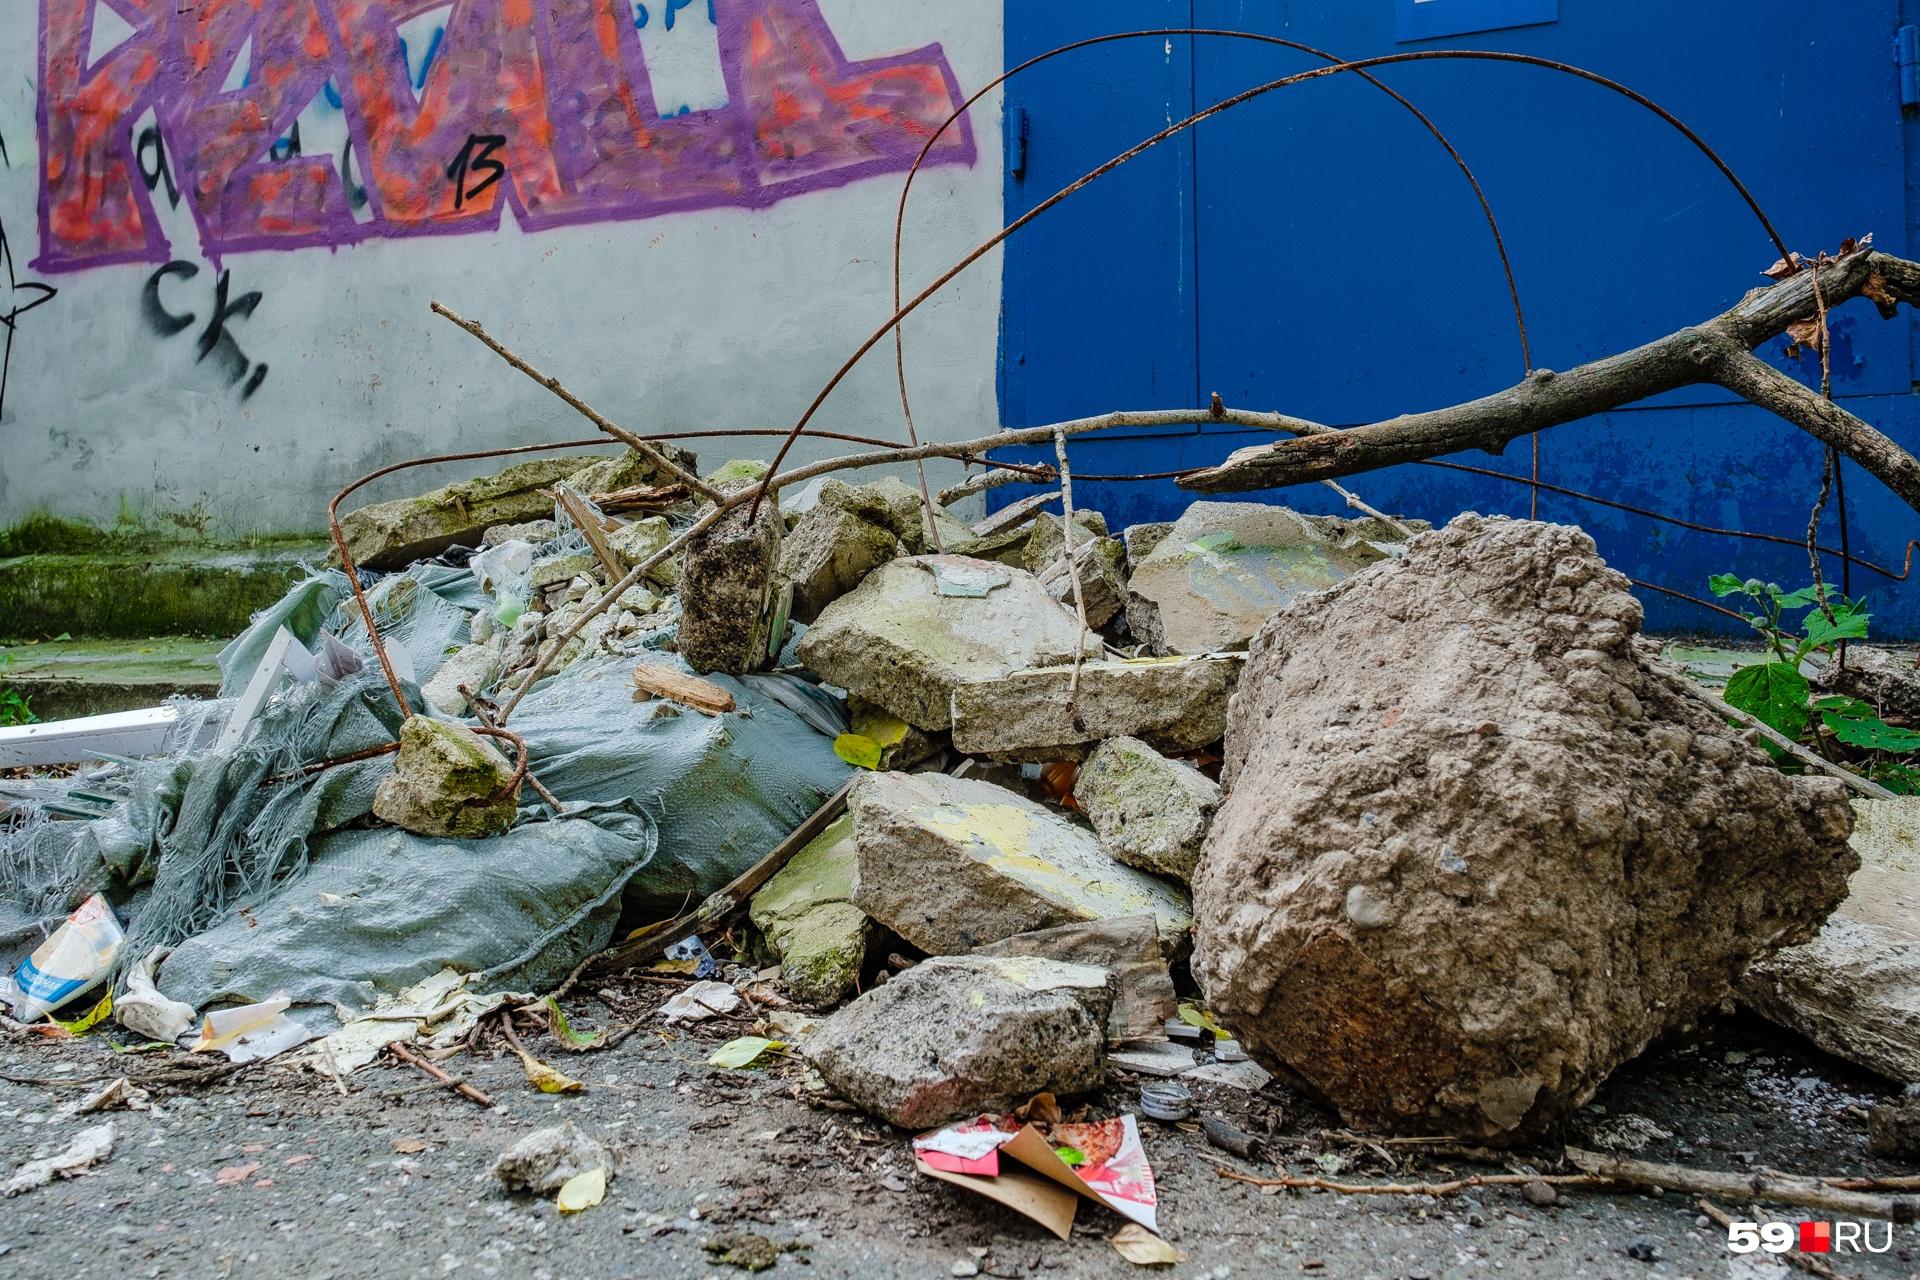 На бесхозных свалках валяется и бытовой мусор, и строительные, и опасные отходы